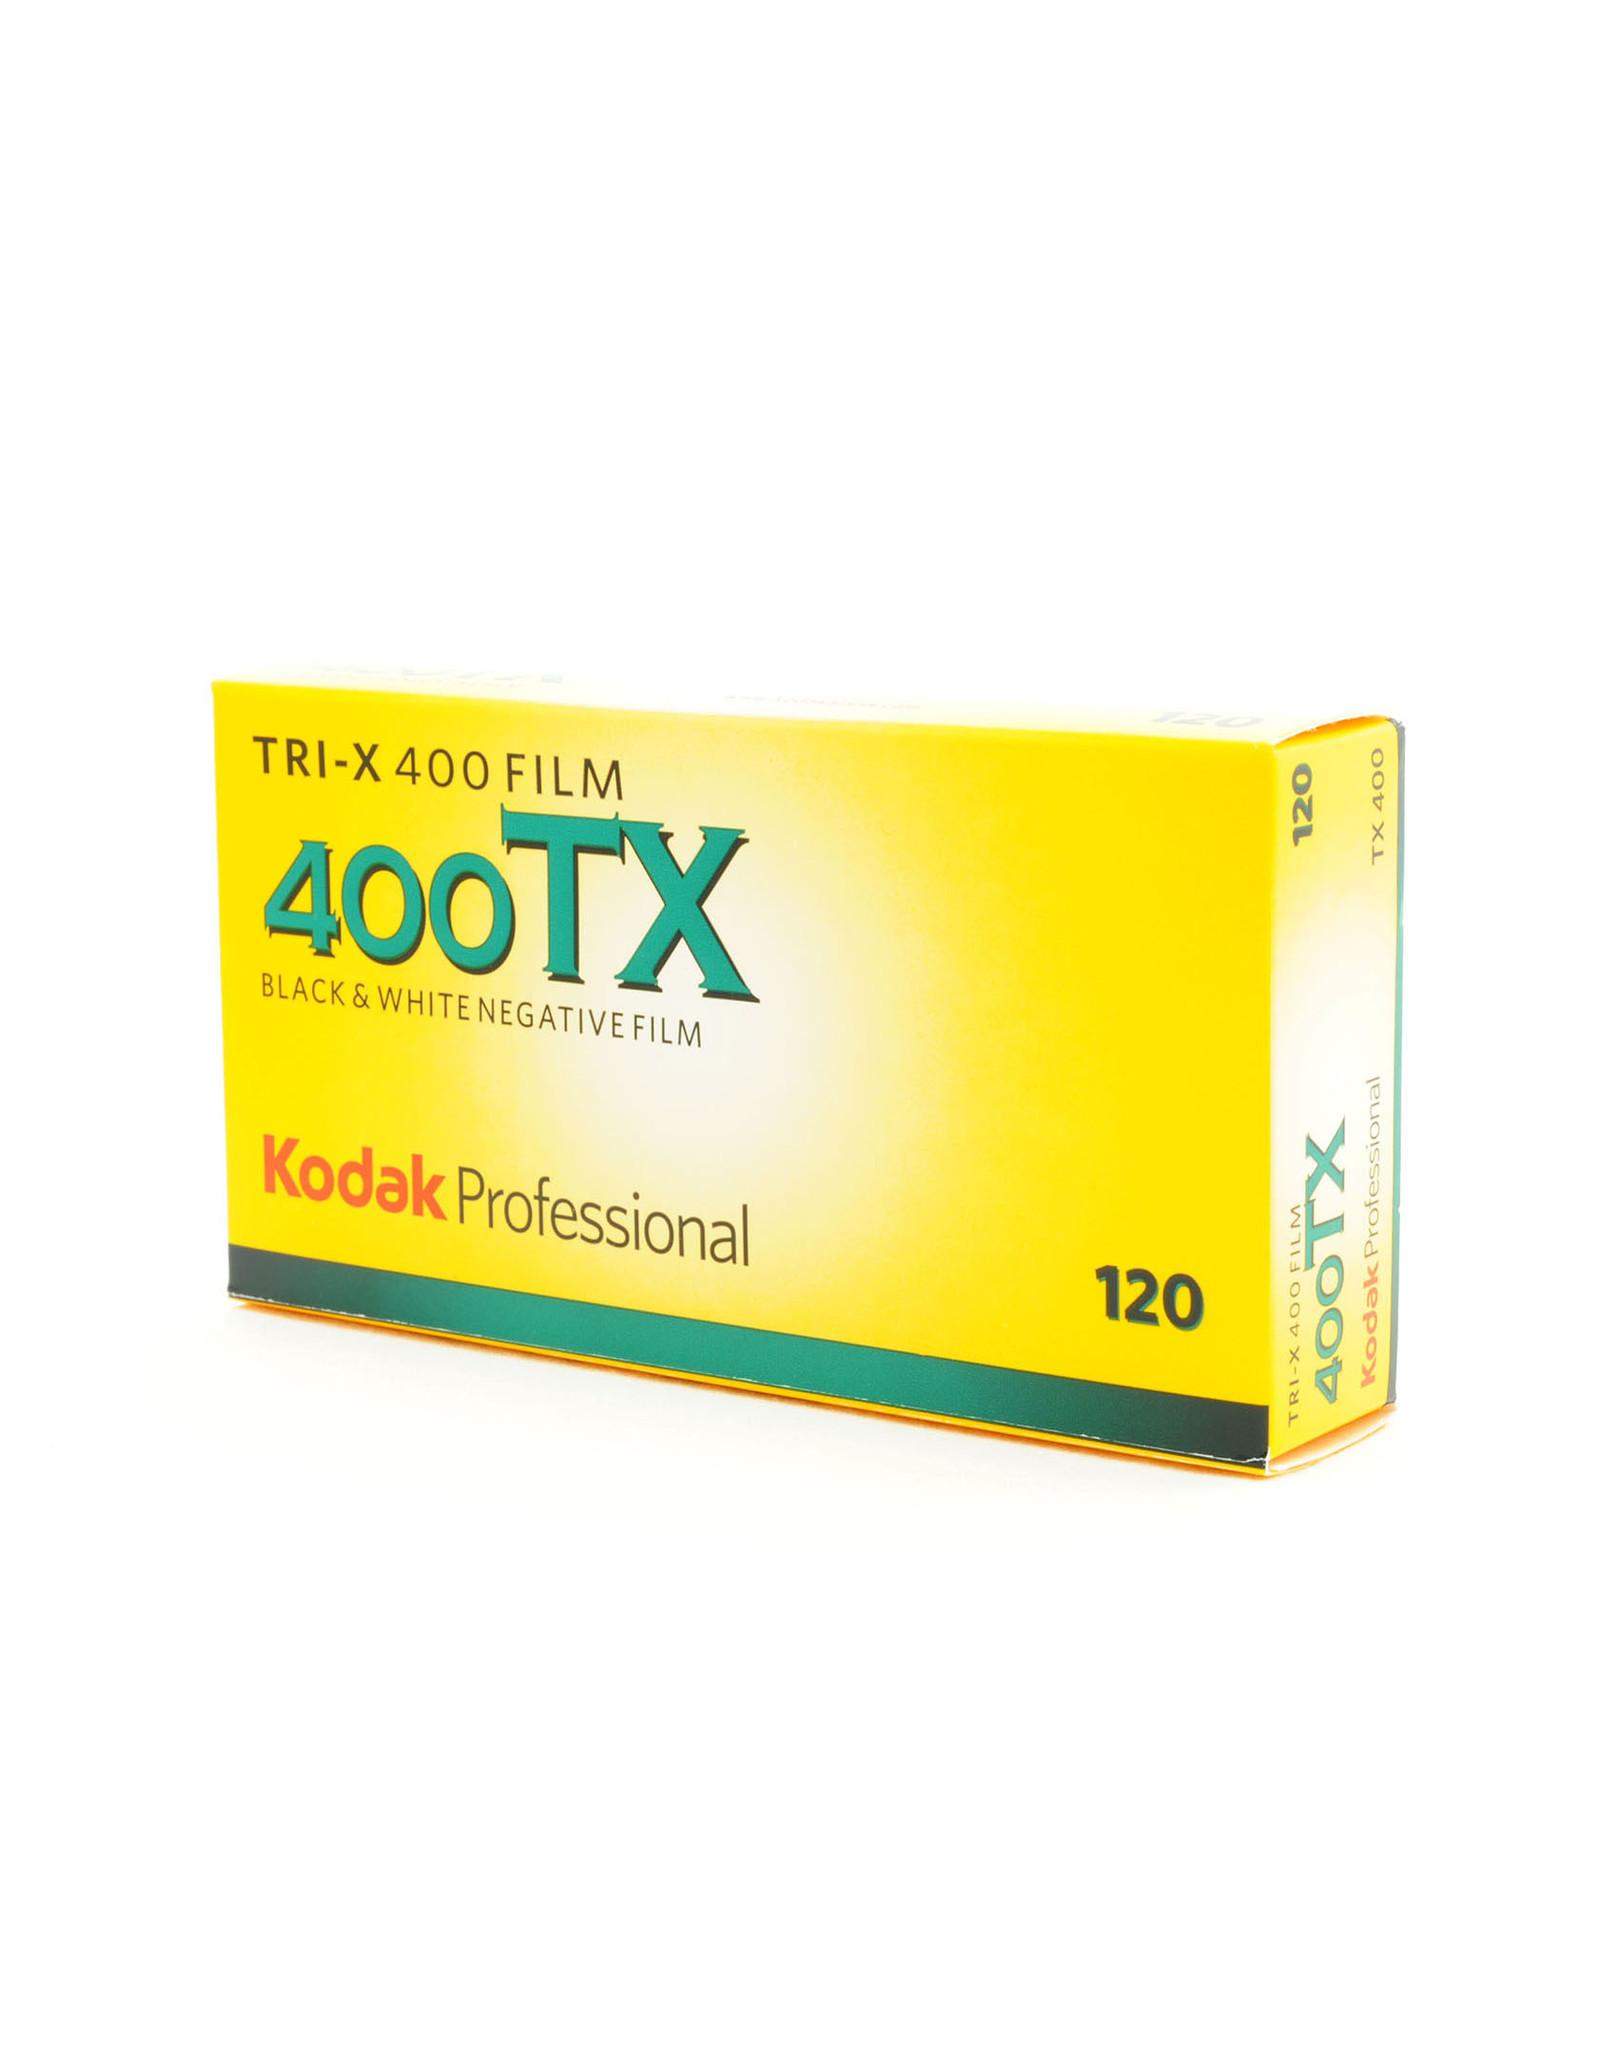 Kodak Kodak Tri-X 400 (120) Roll Film